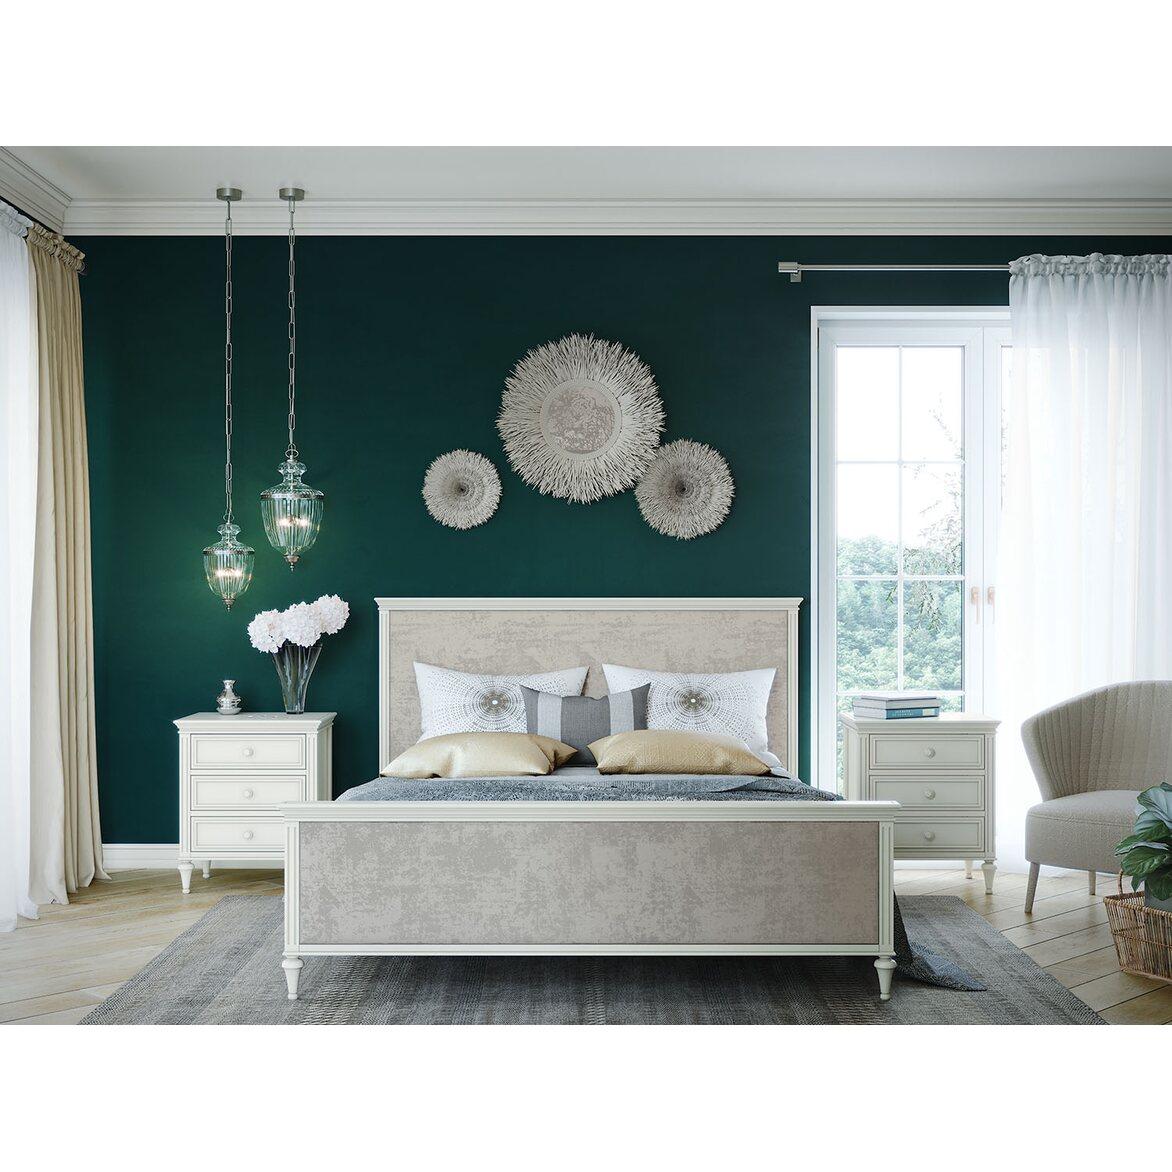 Кровать Riverdi с мягким изголовьем, с изножьем 3 | Двуспальные кровати Kingsby